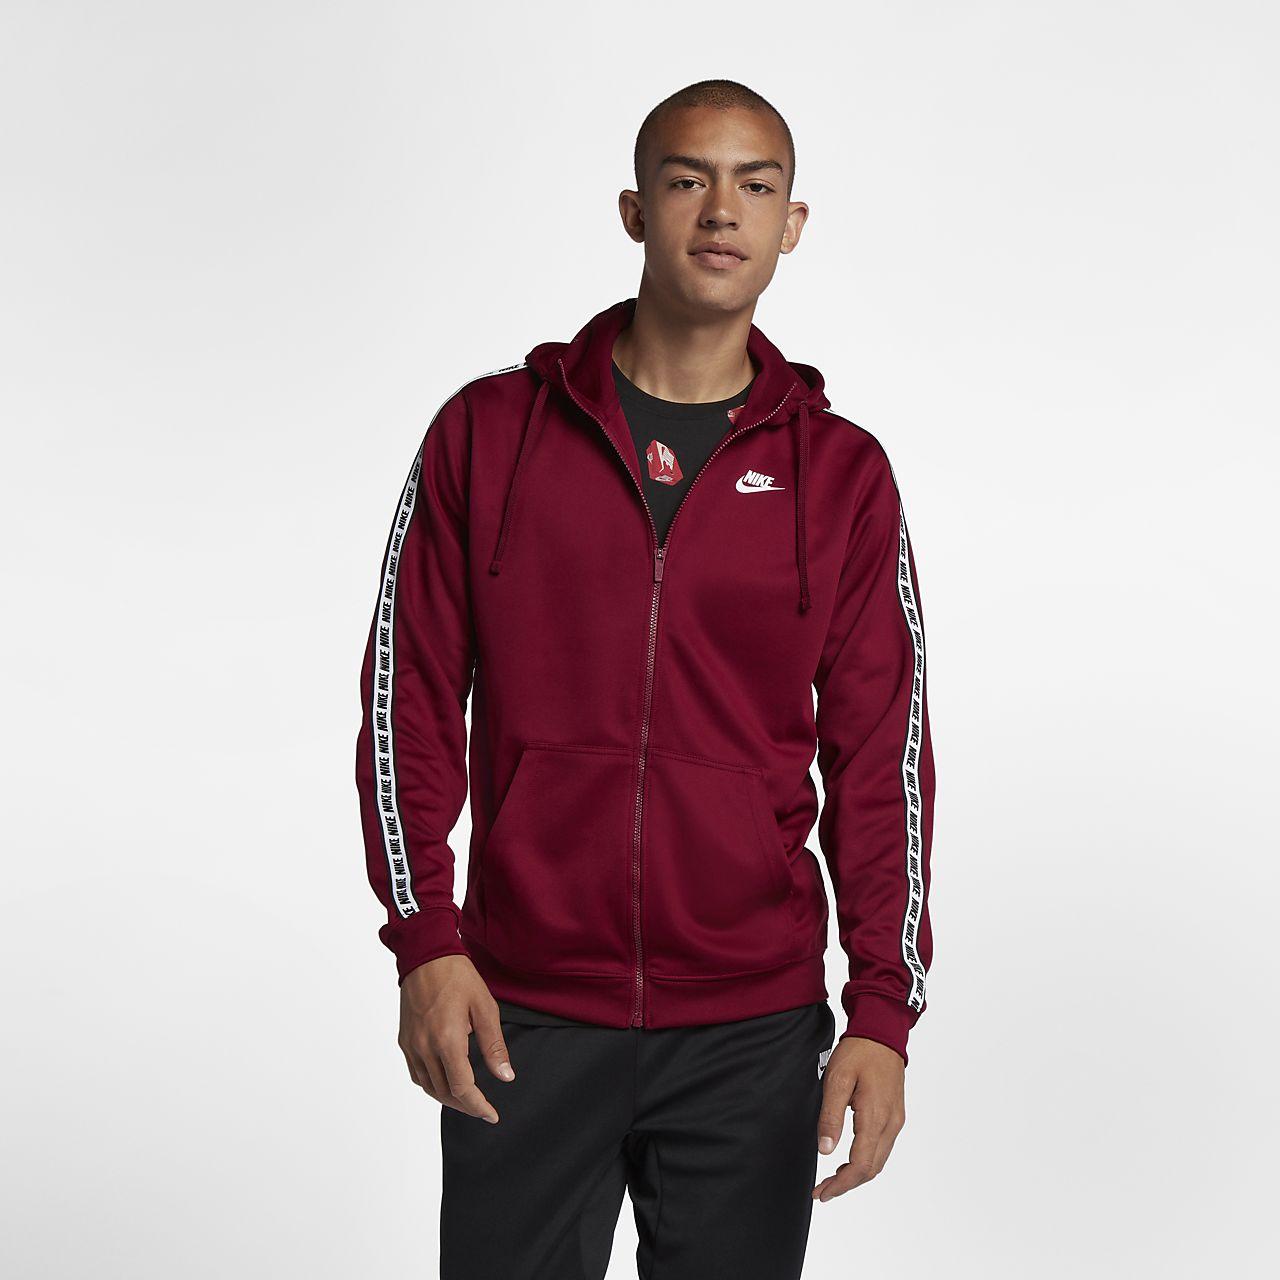 Pour Sportswear Pour Sweat Sportswear Homme Sweat Nike Nike fyYb6g7v